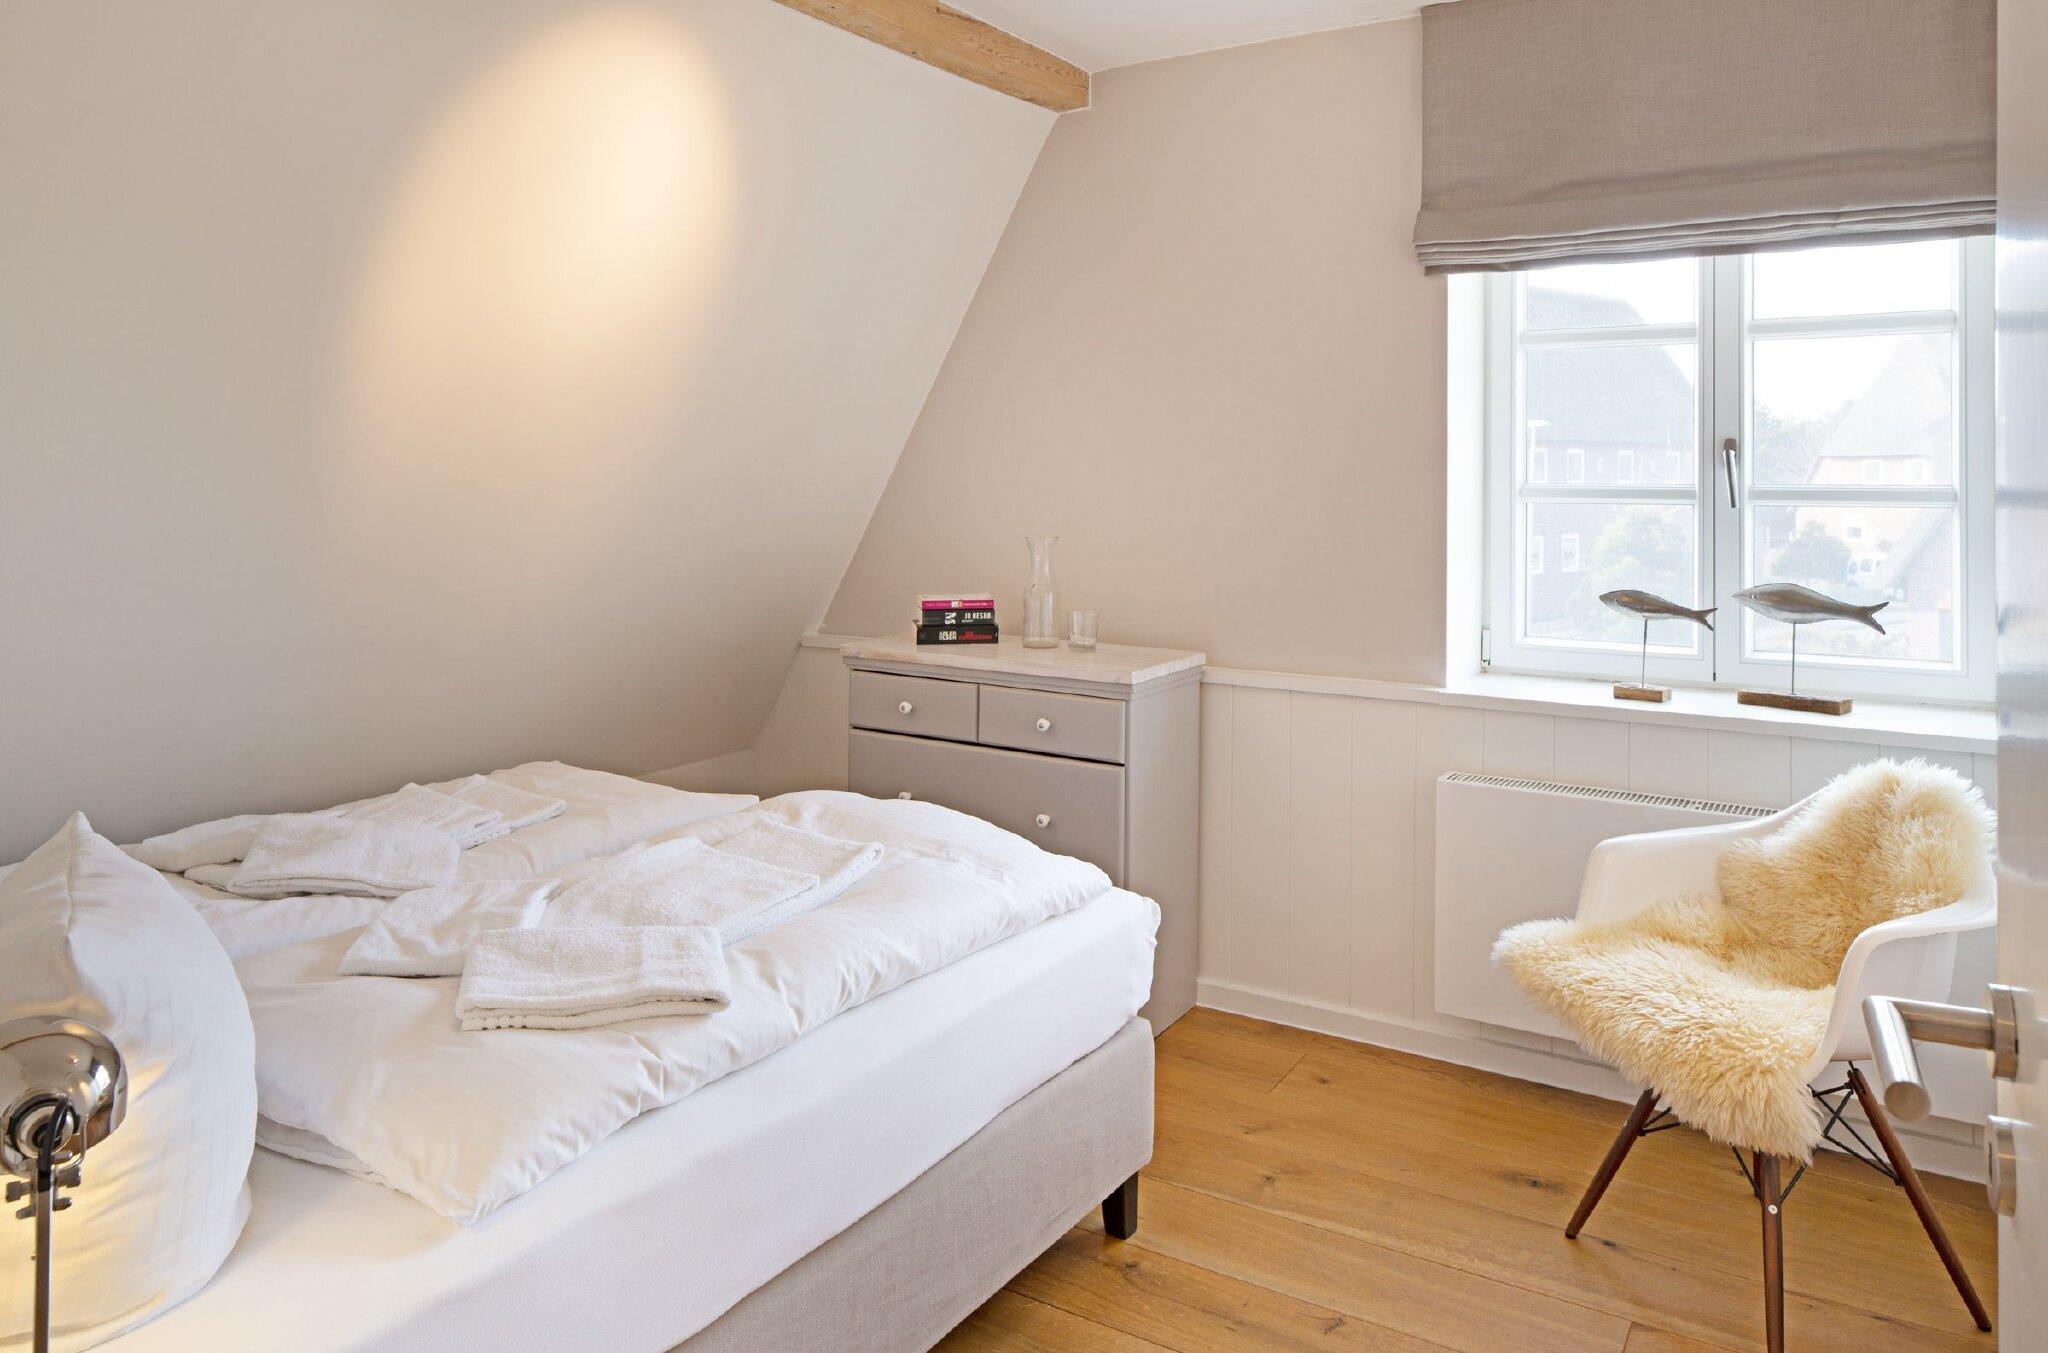 ferienhaus buhne 8 in list schleswig holstein cornelia clausen. Black Bedroom Furniture Sets. Home Design Ideas